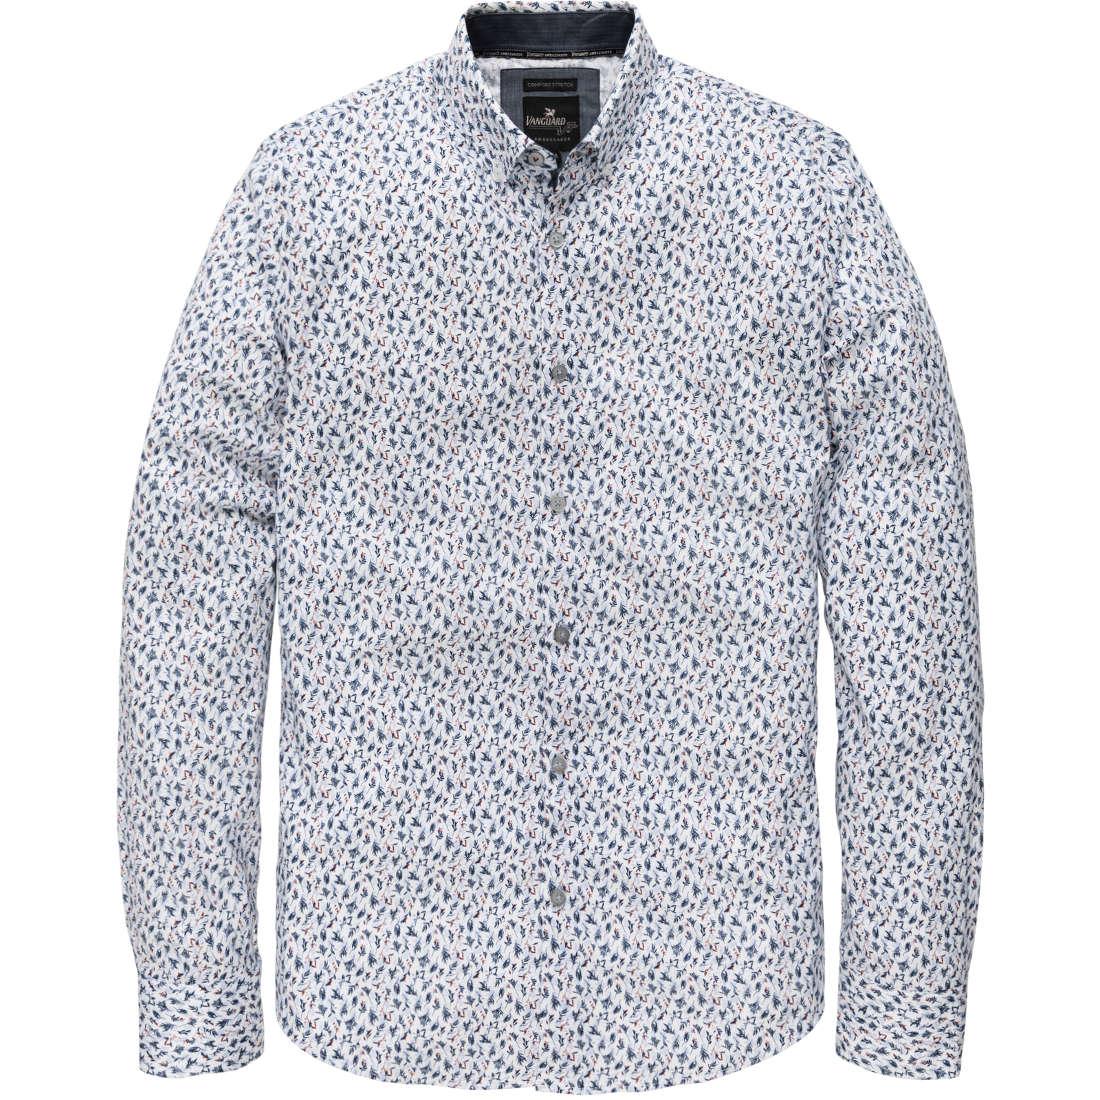 Vanguard overhemd vsi187400 in het Wit